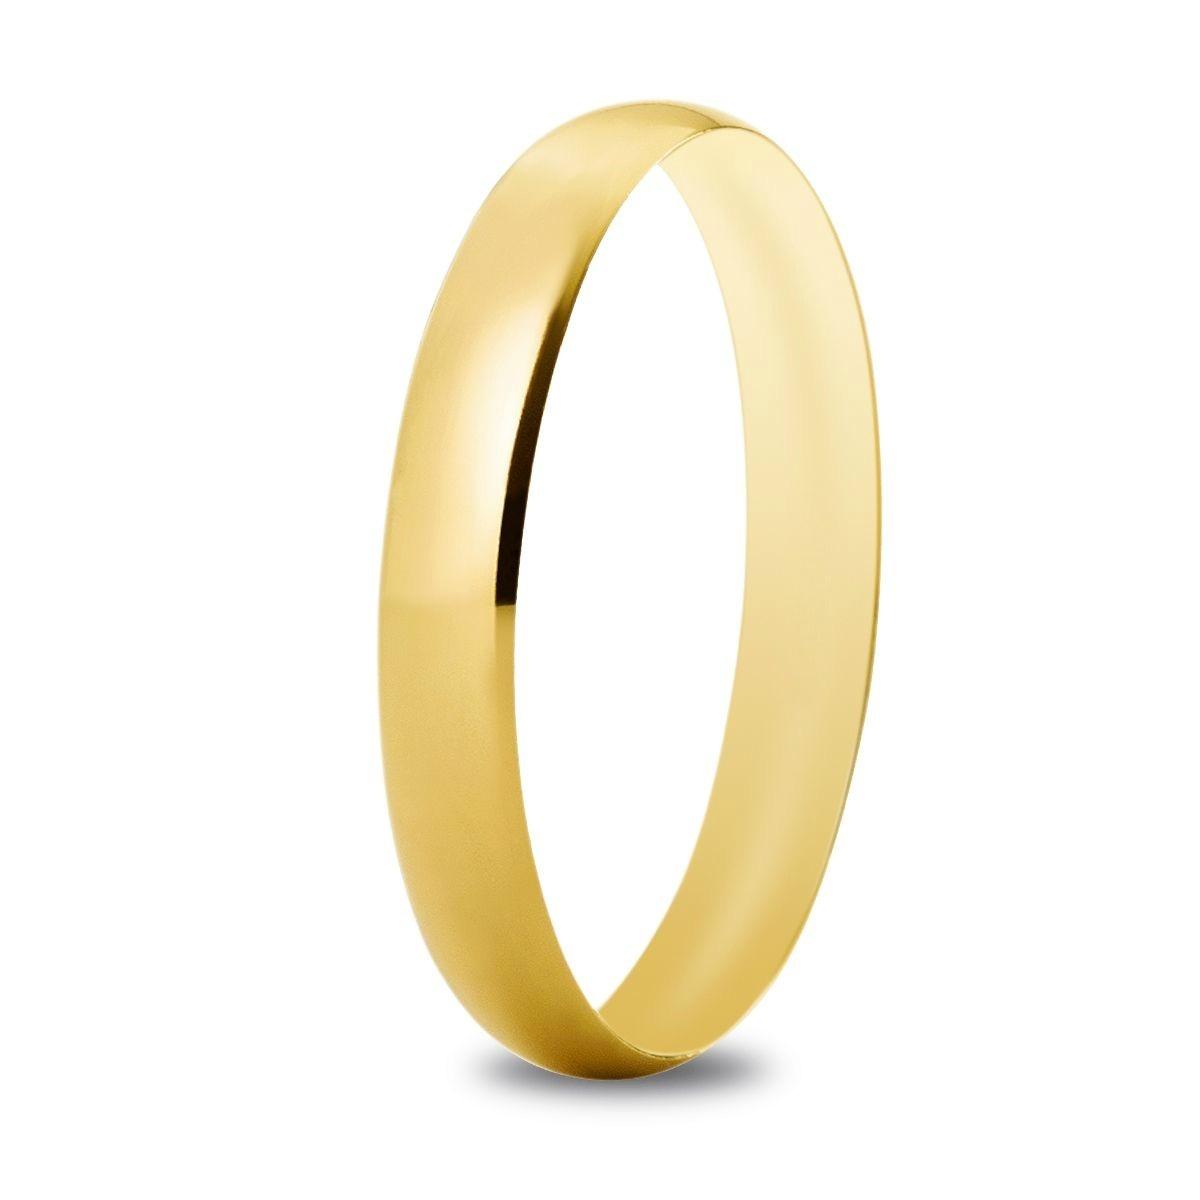 Alianza de boda 3,3 mm de ancho en oro amarillo de 18 quilates